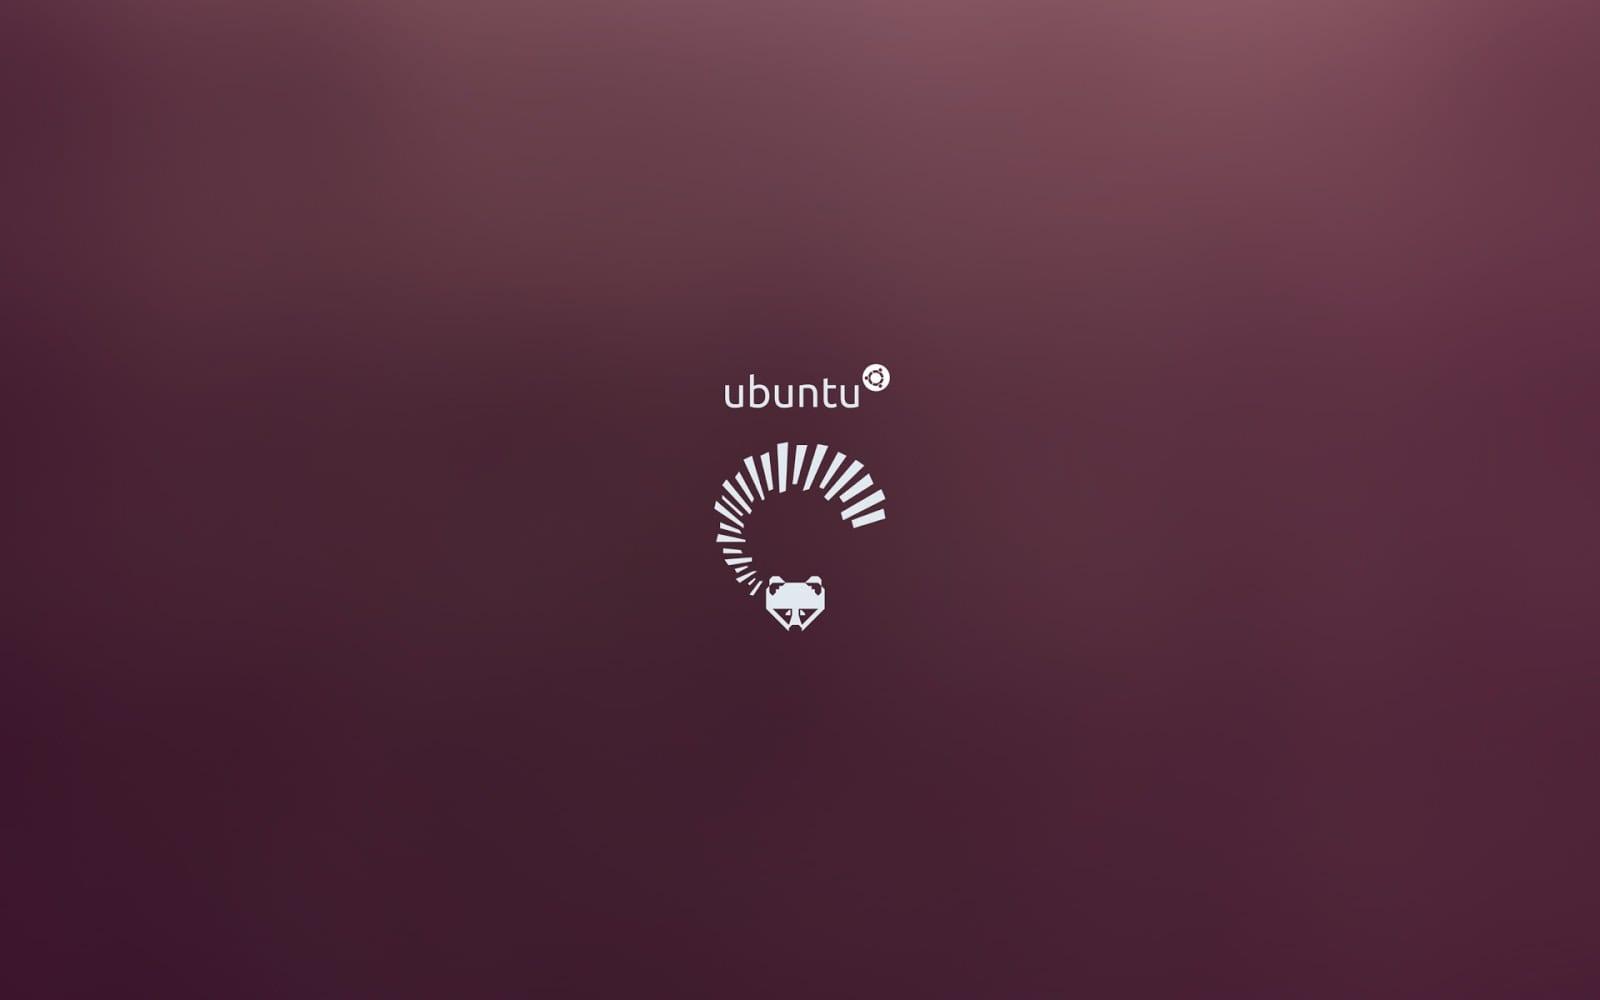 Ubuntu 13.04 wallpaper